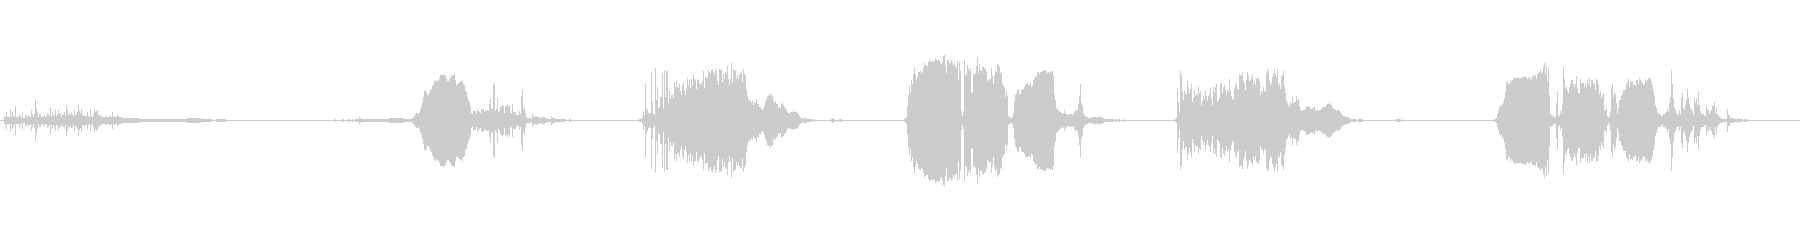 ドアメタルゲートスクリーチの未再生の波形